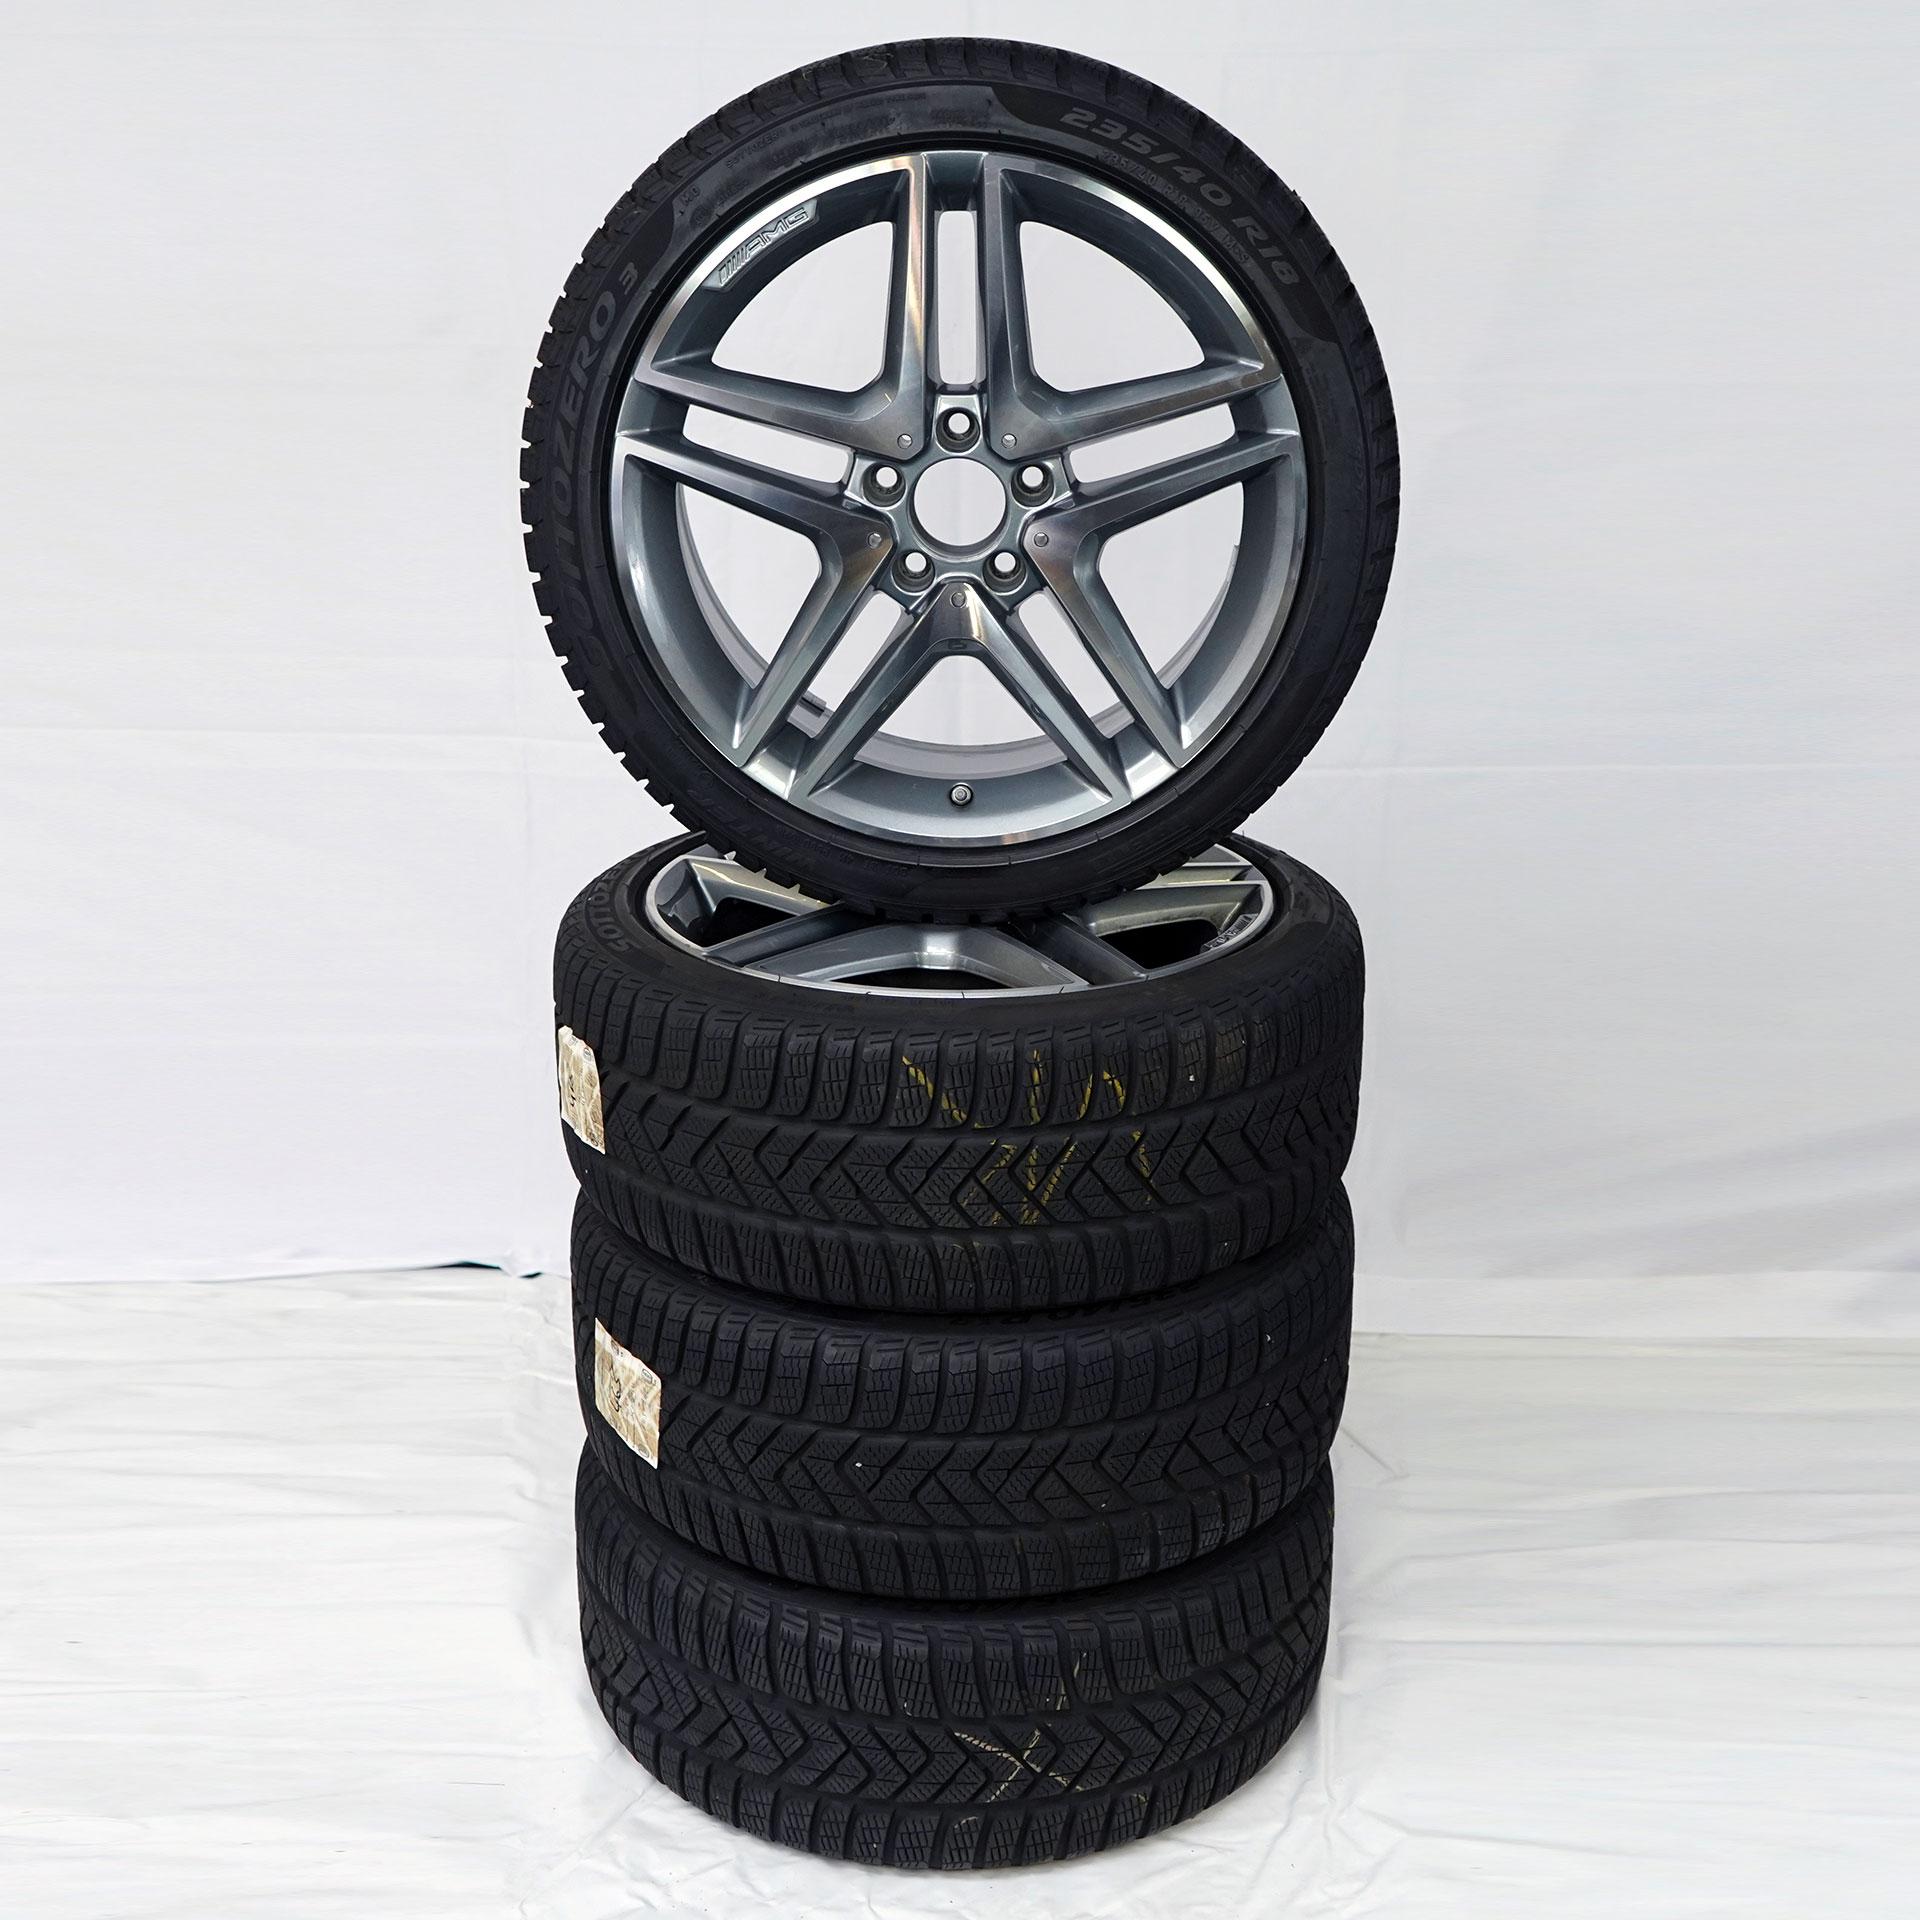 A-Klasse (176) CLA (117) Gebrauchter 18 Zoll Original Mercedes-AMG Winterkomplettrad-Satz Pirelli